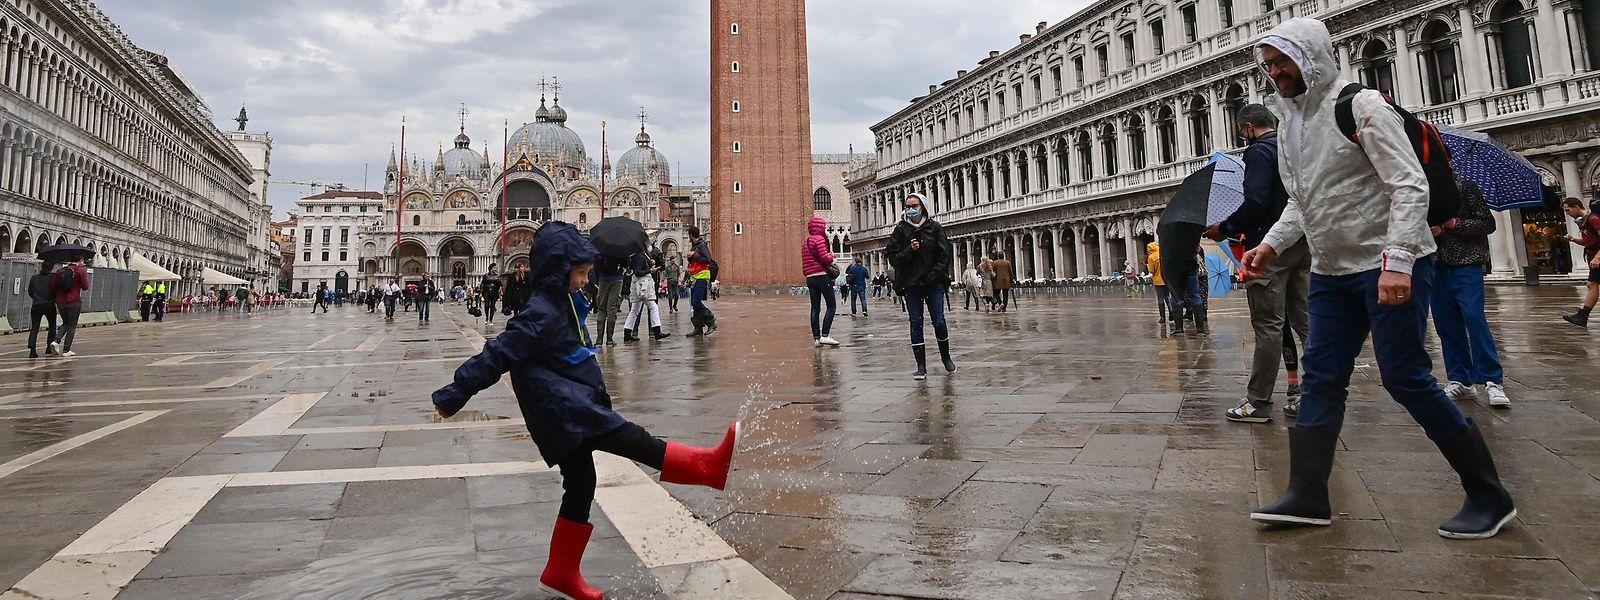 Seit Jahren klagen Bewohner hochfrequentierter Destinationen wie Venedig über die Tourismuslast. Inzwischen ist es jedoch auffallend leer an Hotspots wie dem Markusplatz (Foto) geworden.